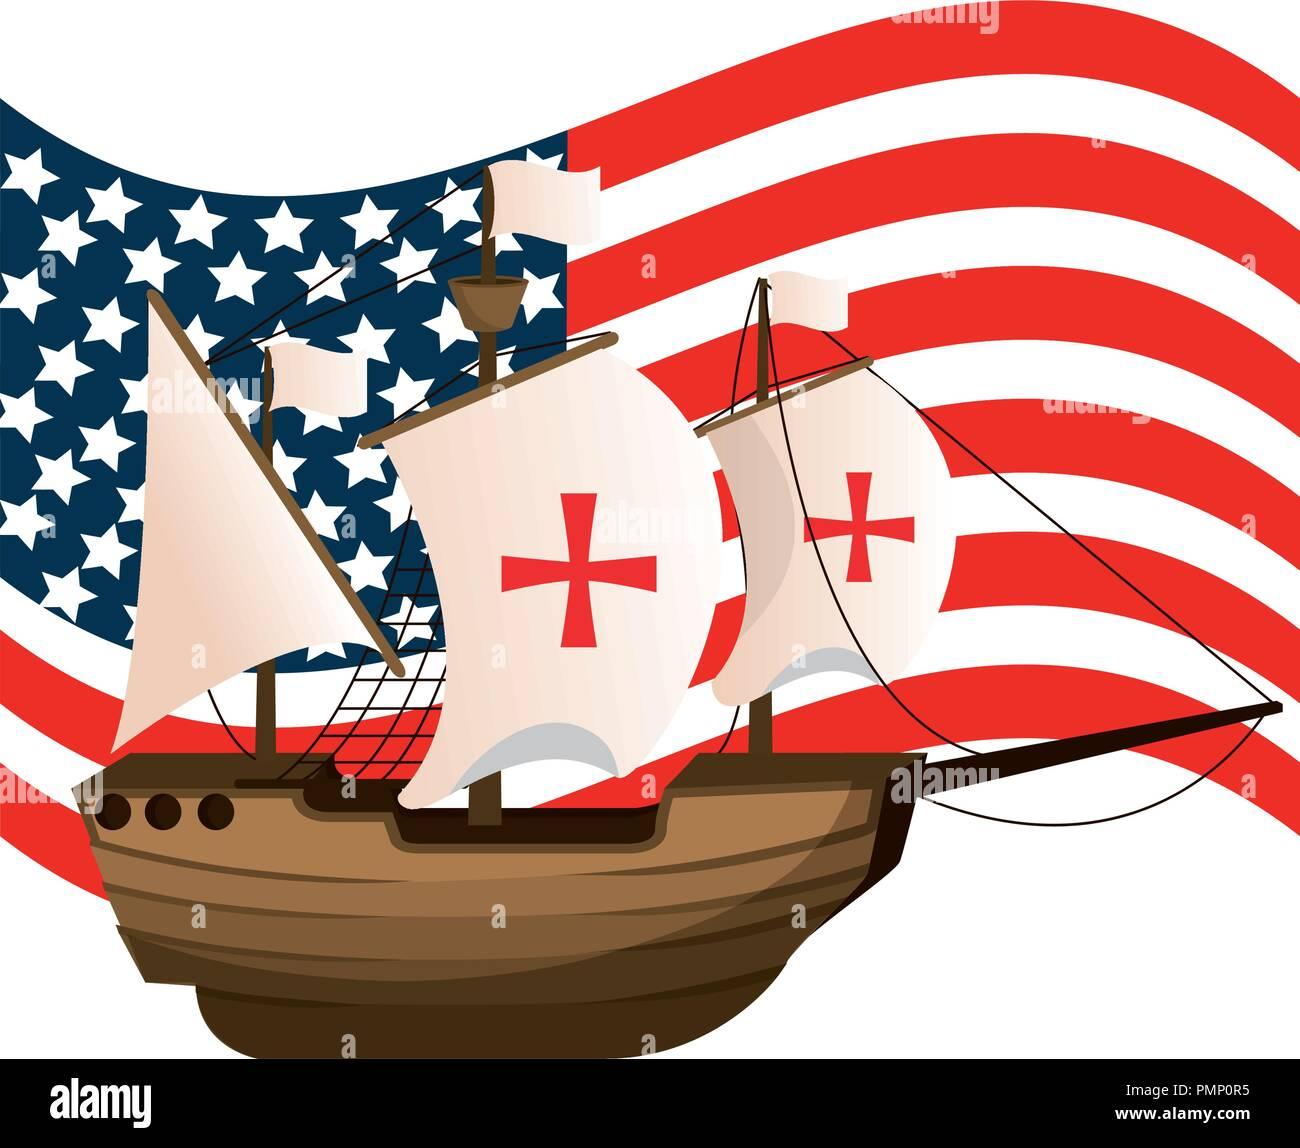 usa flag and ship navigation transport - Stock Image